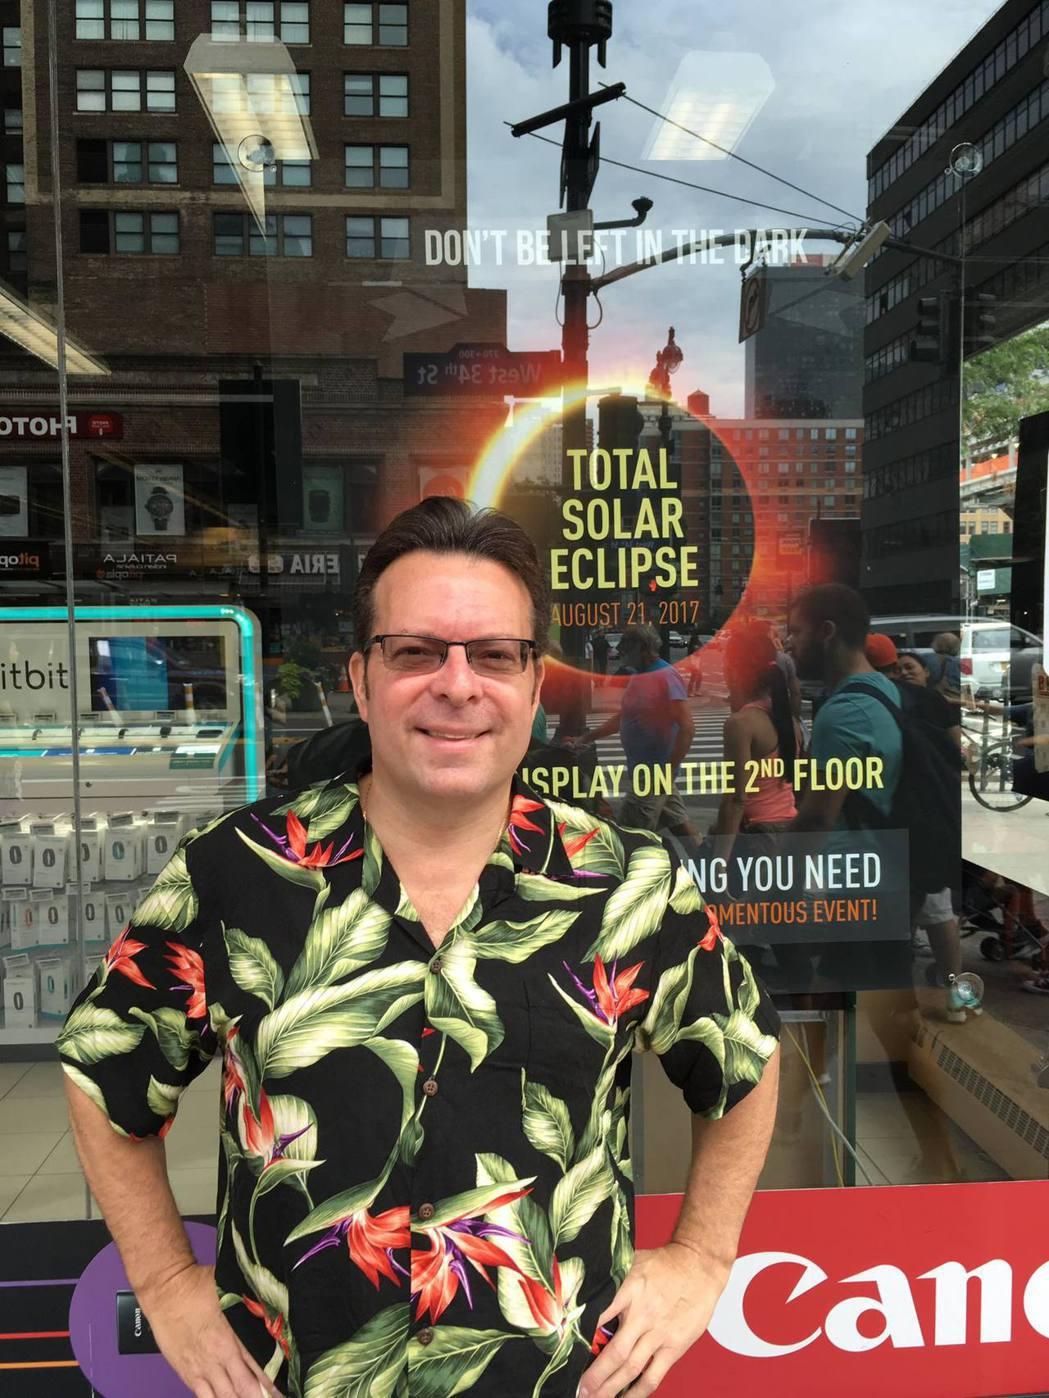 美國天文學會把宣傳8月21日將有超級日全食的任務,派給對日食狂熱的美國男子肯奇亞...